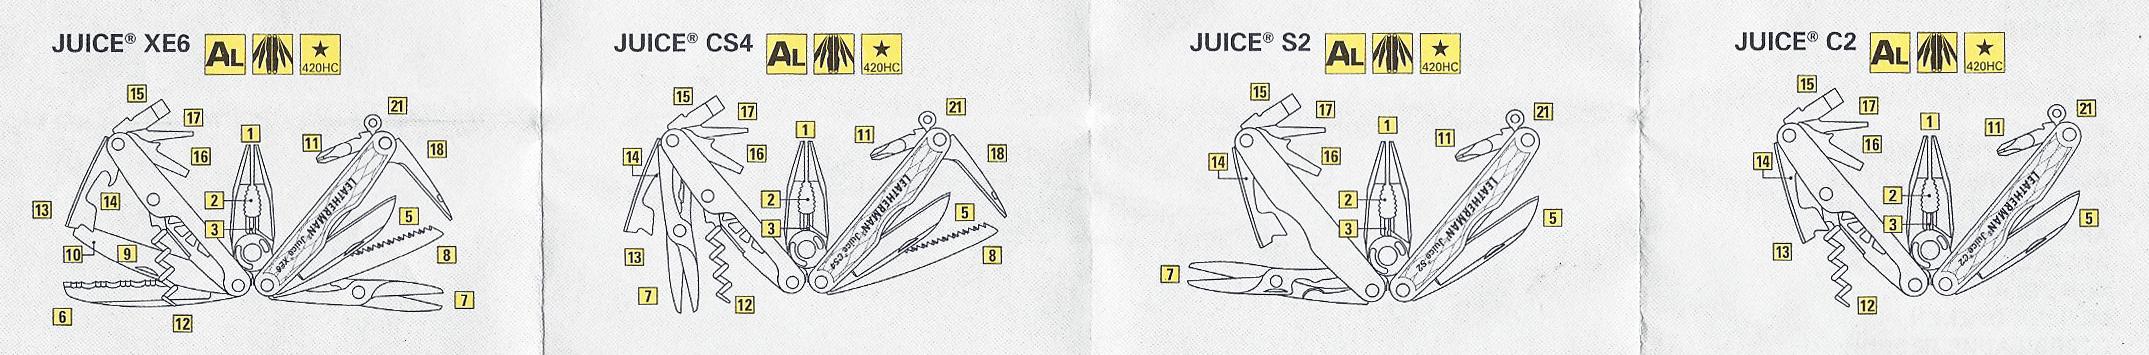 Leatherman leaflet showing the 2014 Juice range of multi-tools